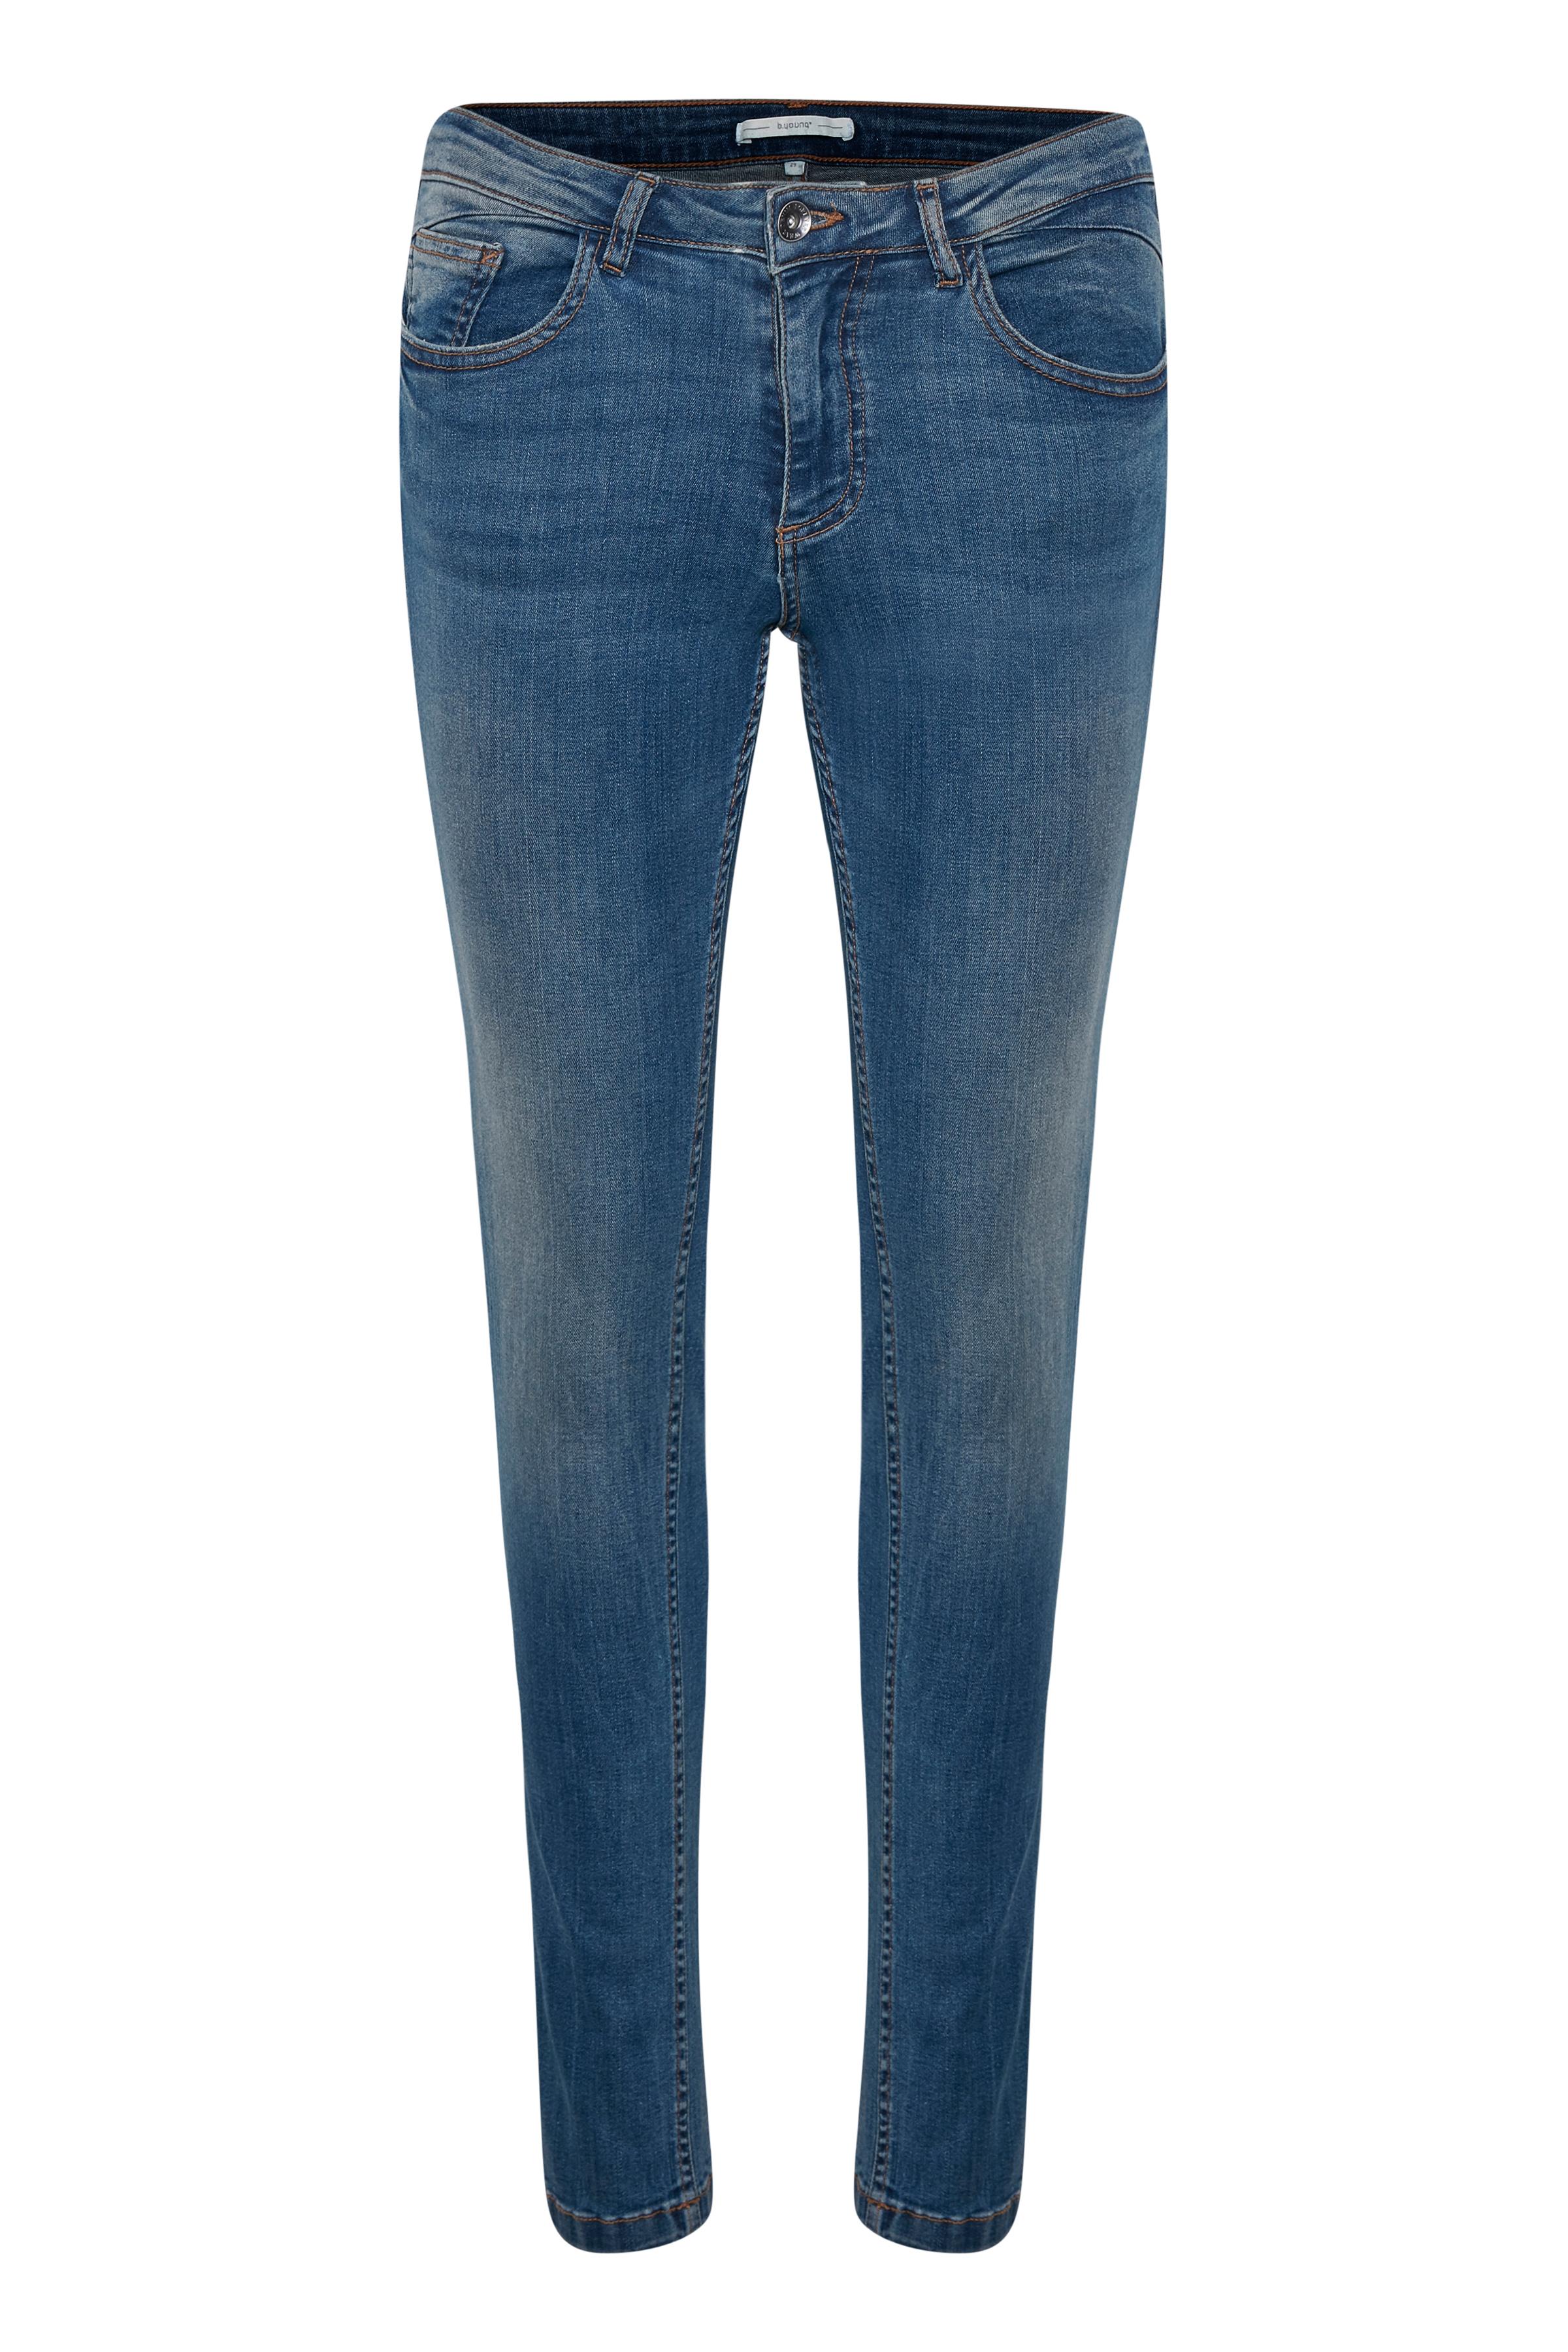 Blå Jeans från b.young – Köp Blå Jeans från stl. 25-36 här